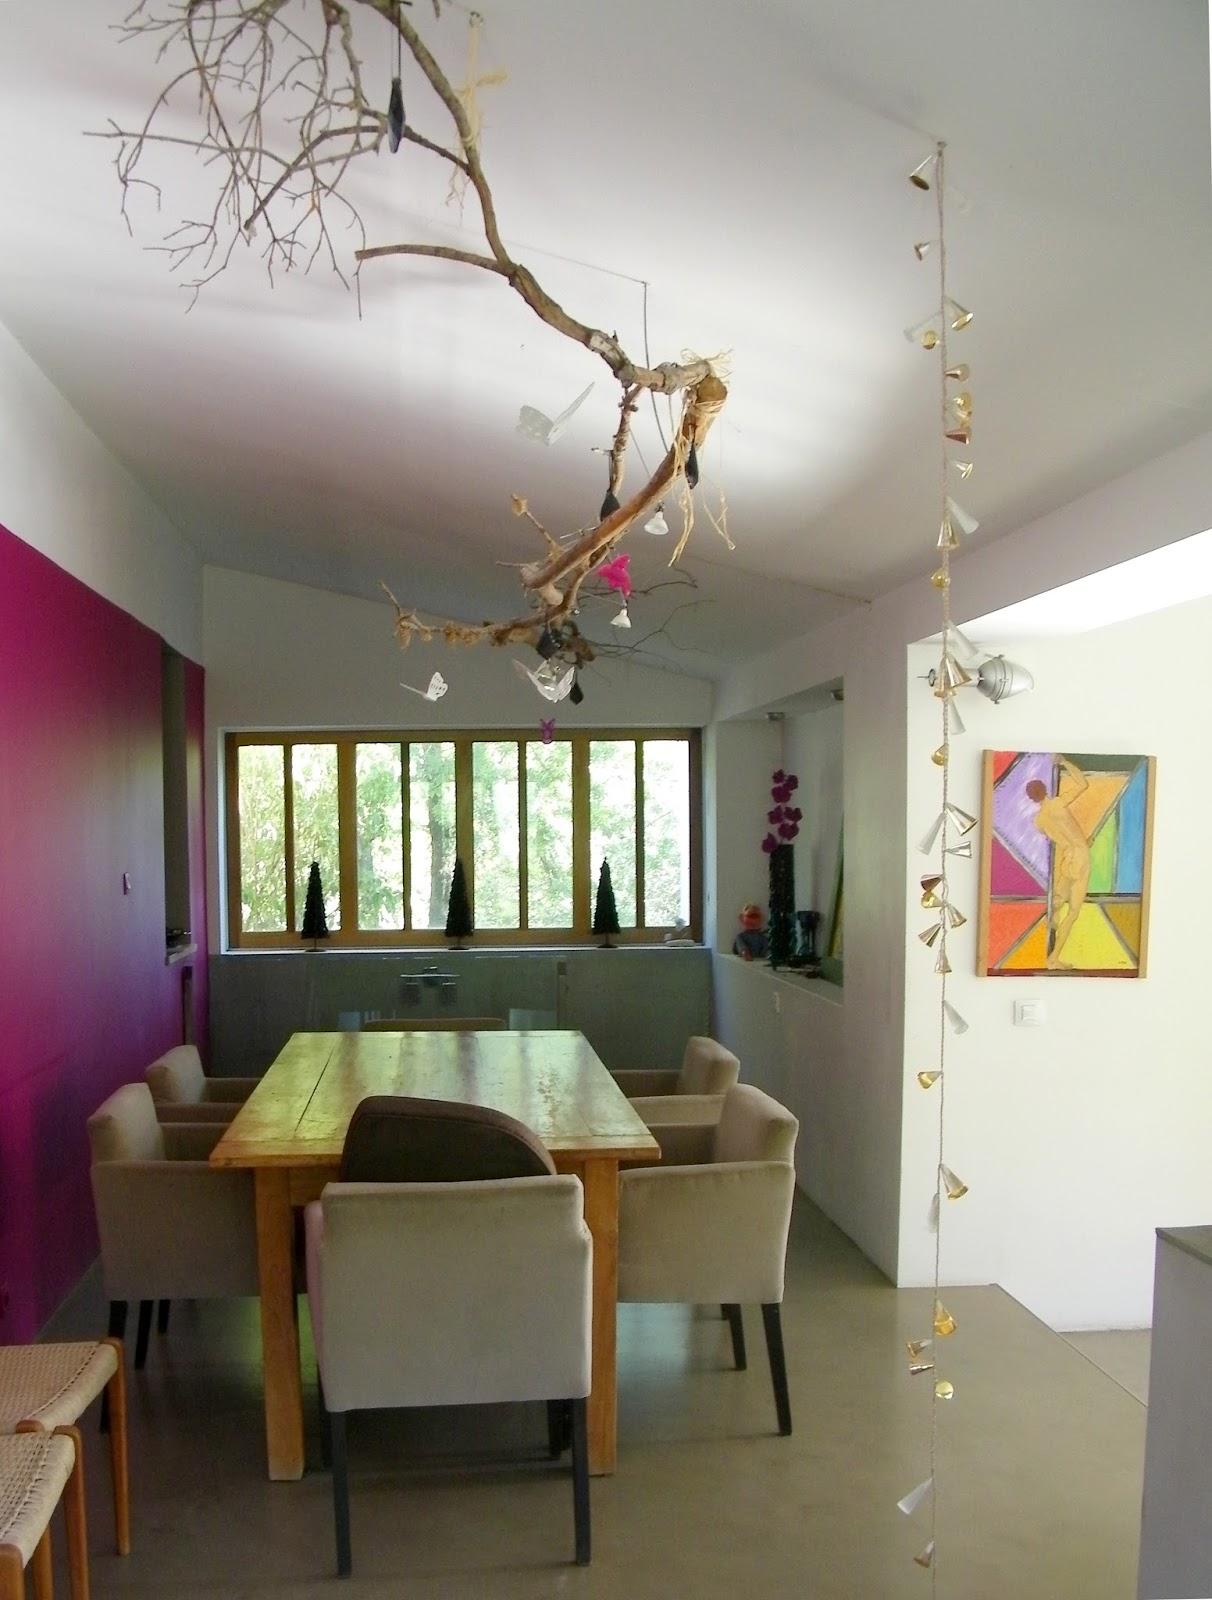 Interior crisp blog sur la d coration int rieure des visites de maisons et des id es d co - Decoratie interieure hedendaagse trend ...